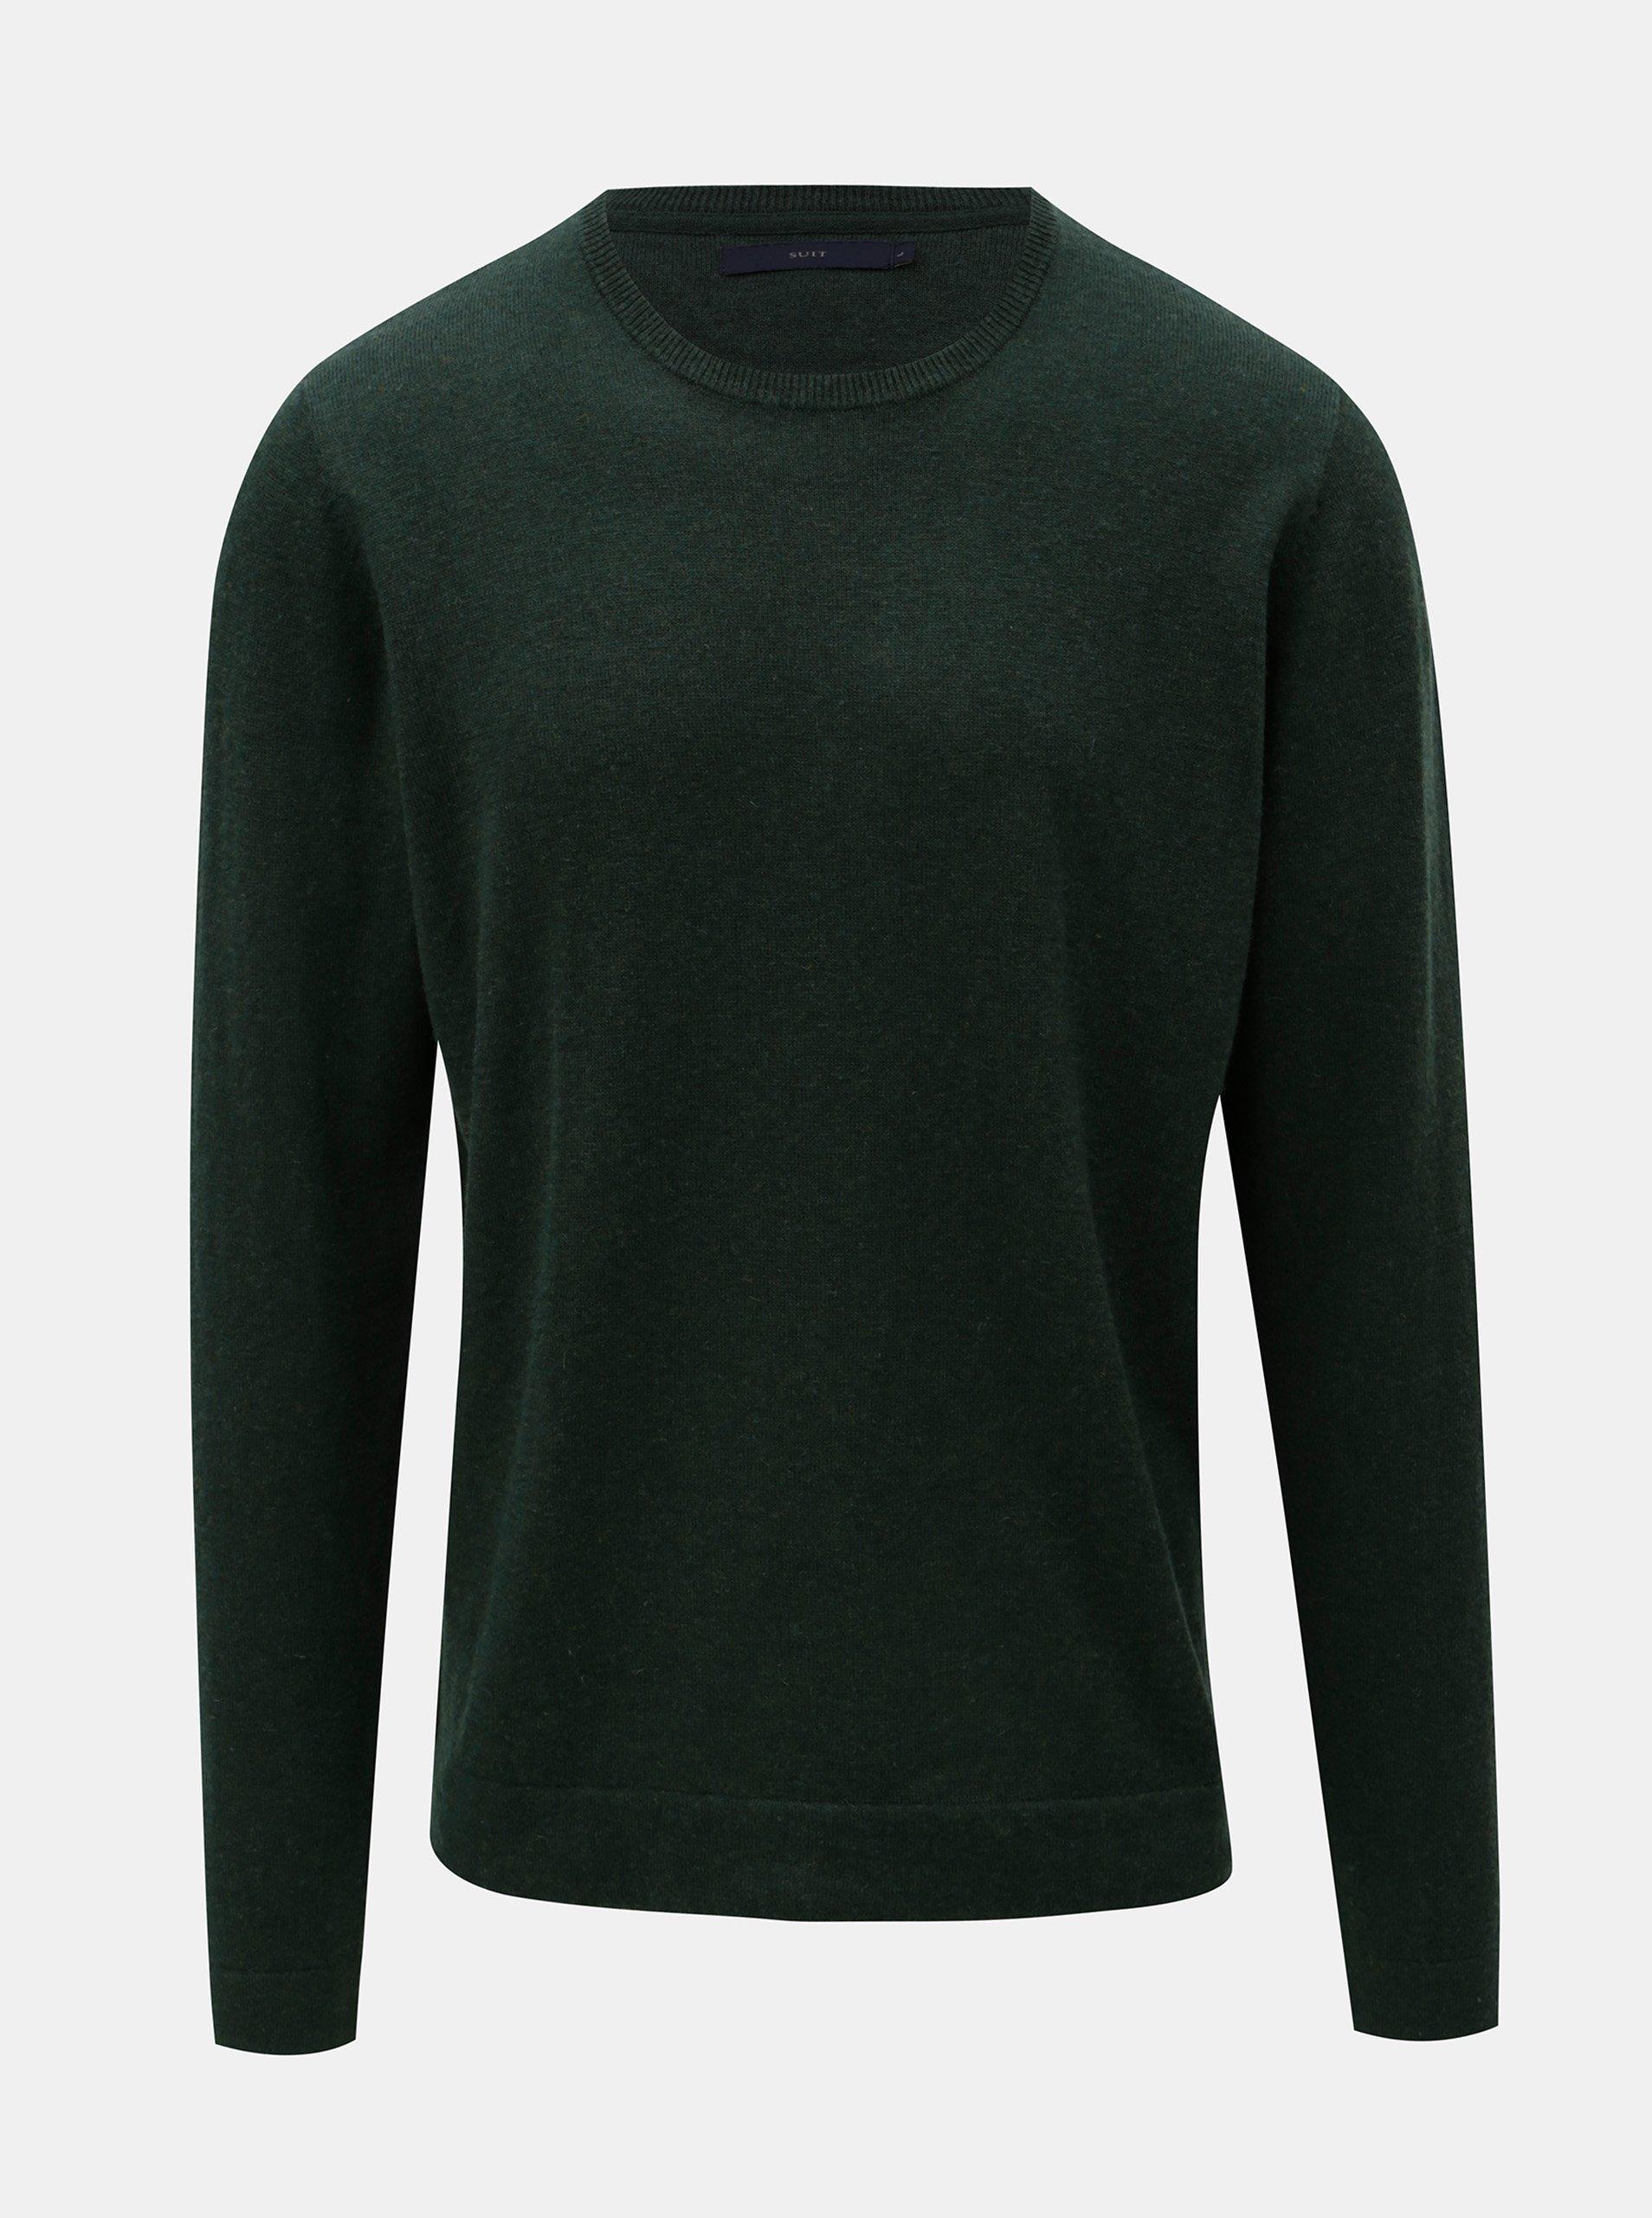 Tmavě zelený vlněný svetr SUIT Clyde